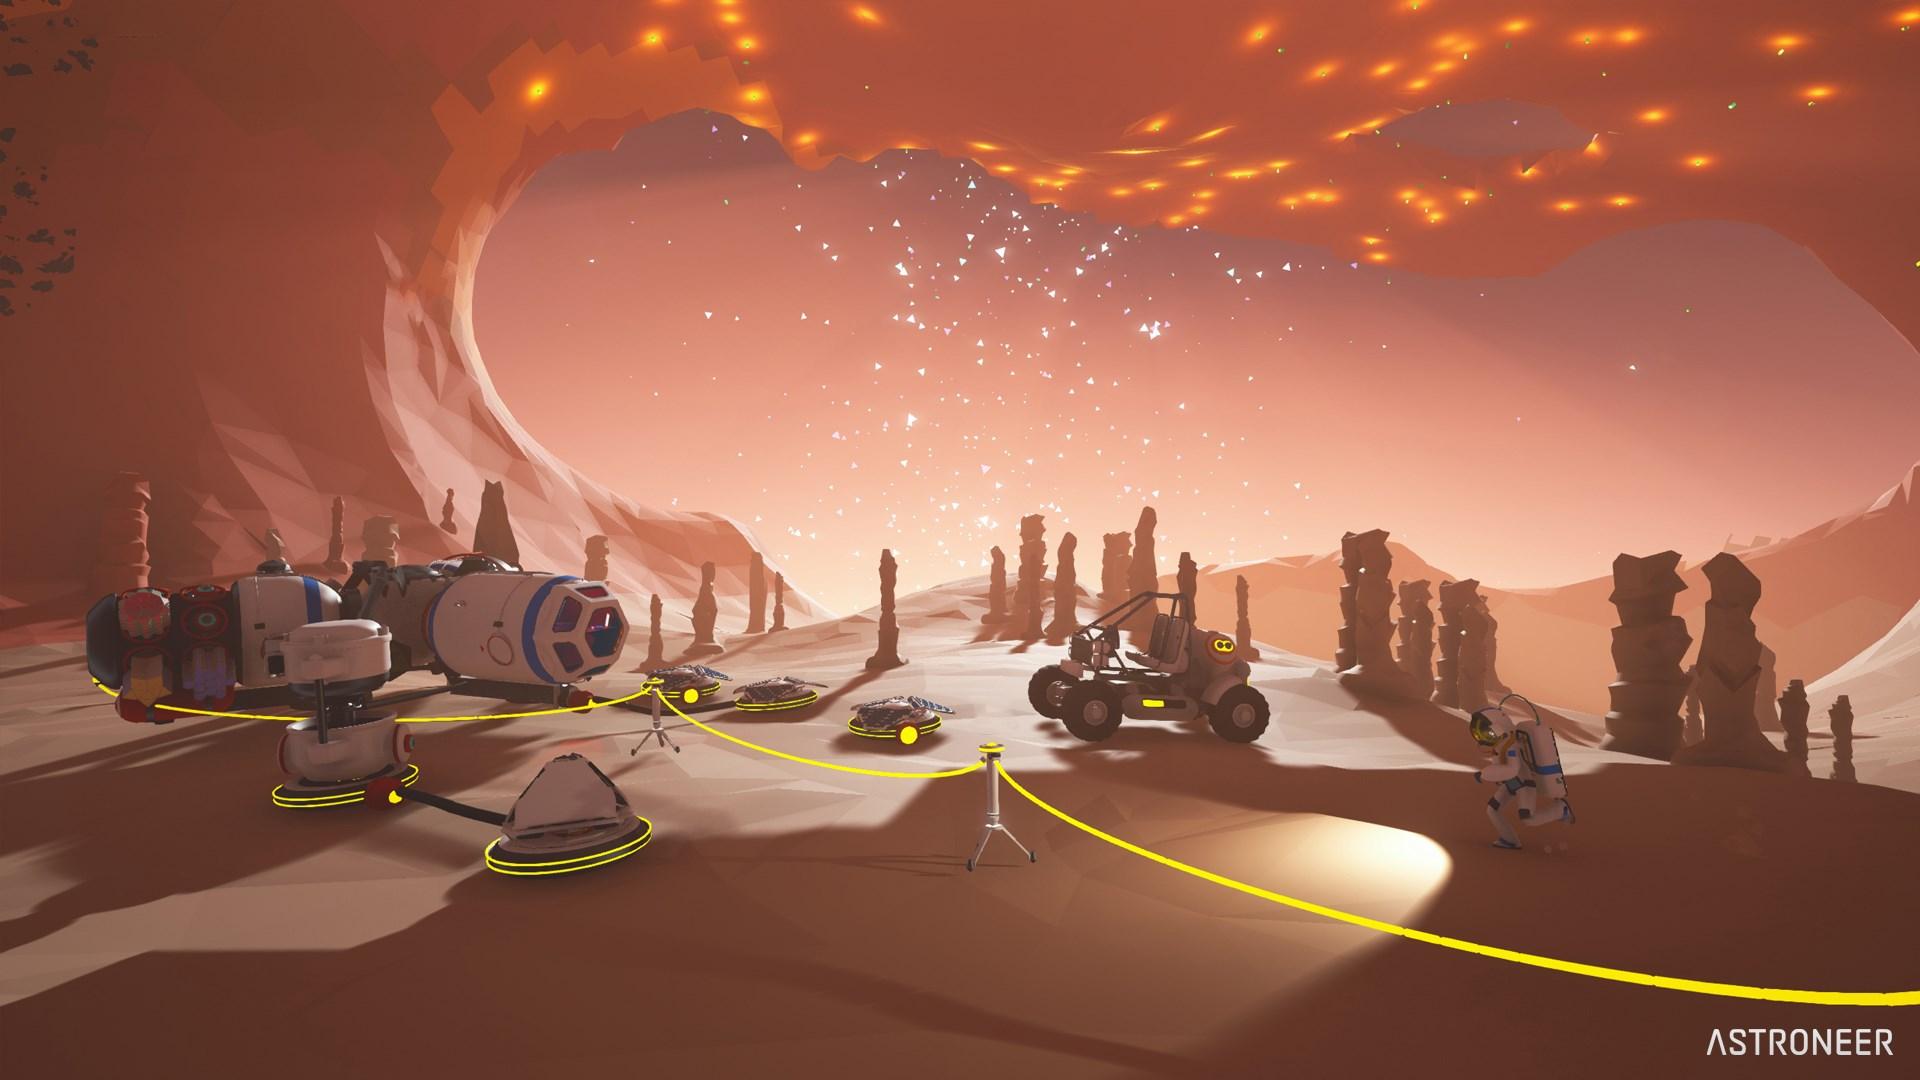 astroneer video game wallpaper 69470